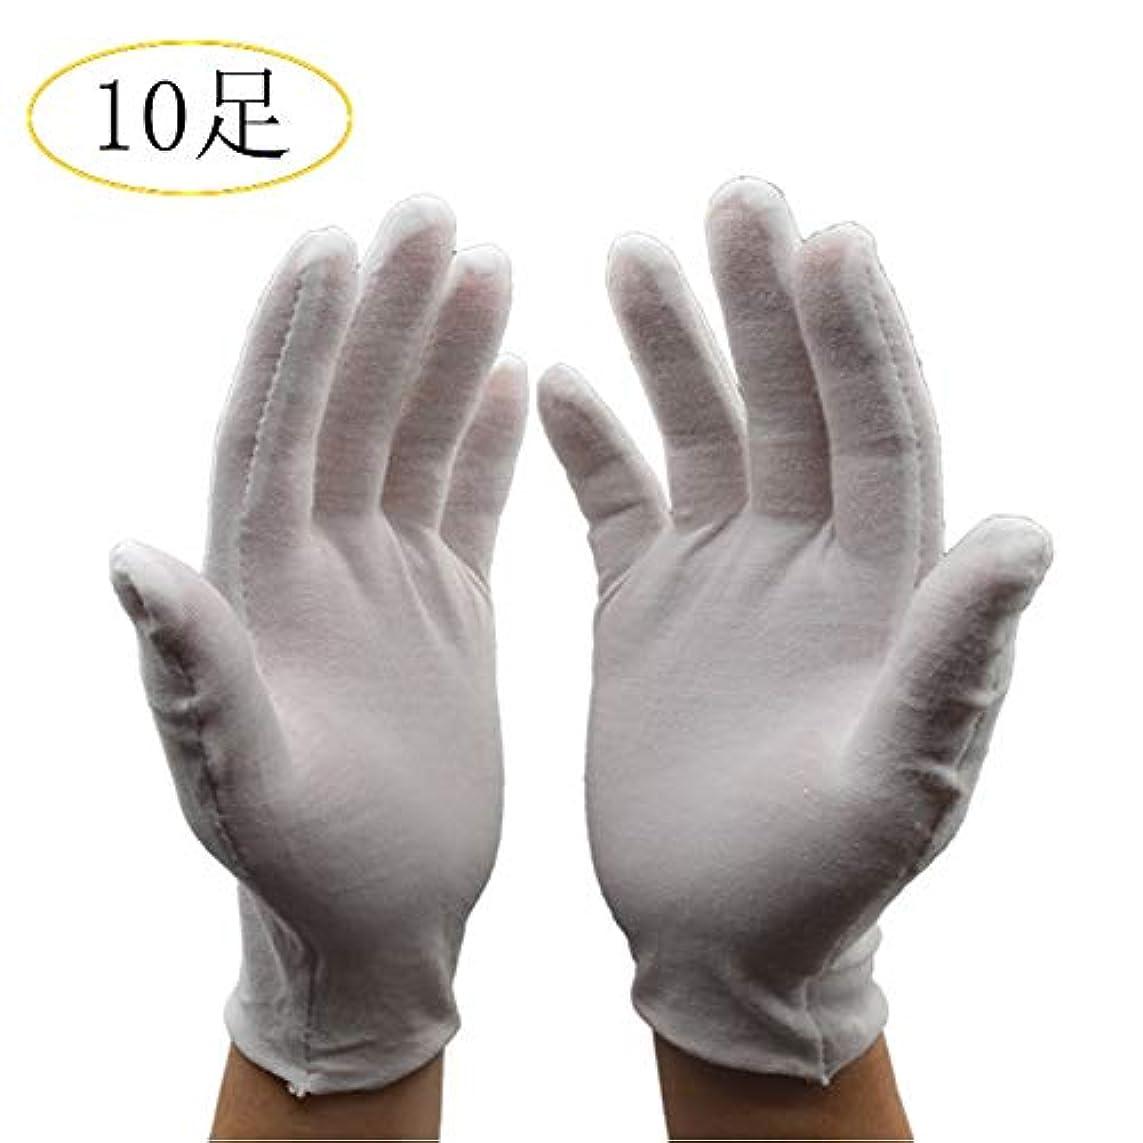 卒業チート種をまくZMiw コットン手袋 綿手袋 インナーコットン手袋 ガーデニング用手袋 20枚入り 手荒れ 手袋 Sサイズ 湿疹用 乾燥肌用 保湿用 家事用 礼装用